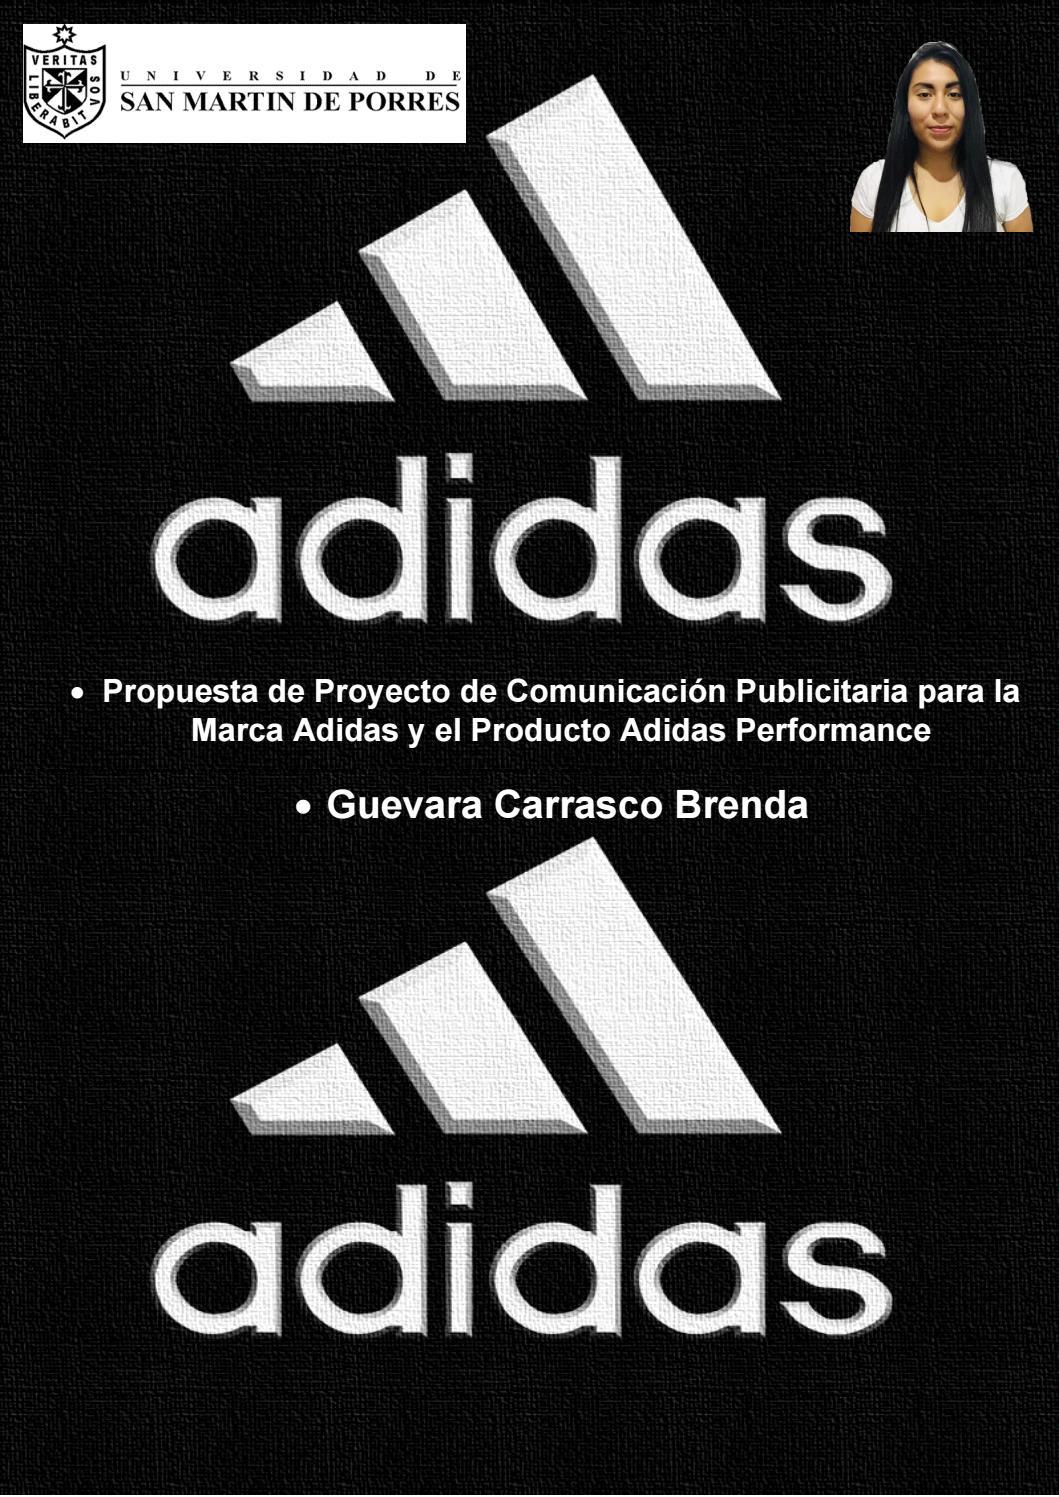 Racionalización Cuadrante amistad  Adidas Performance by brendaguevara1724 - issuu